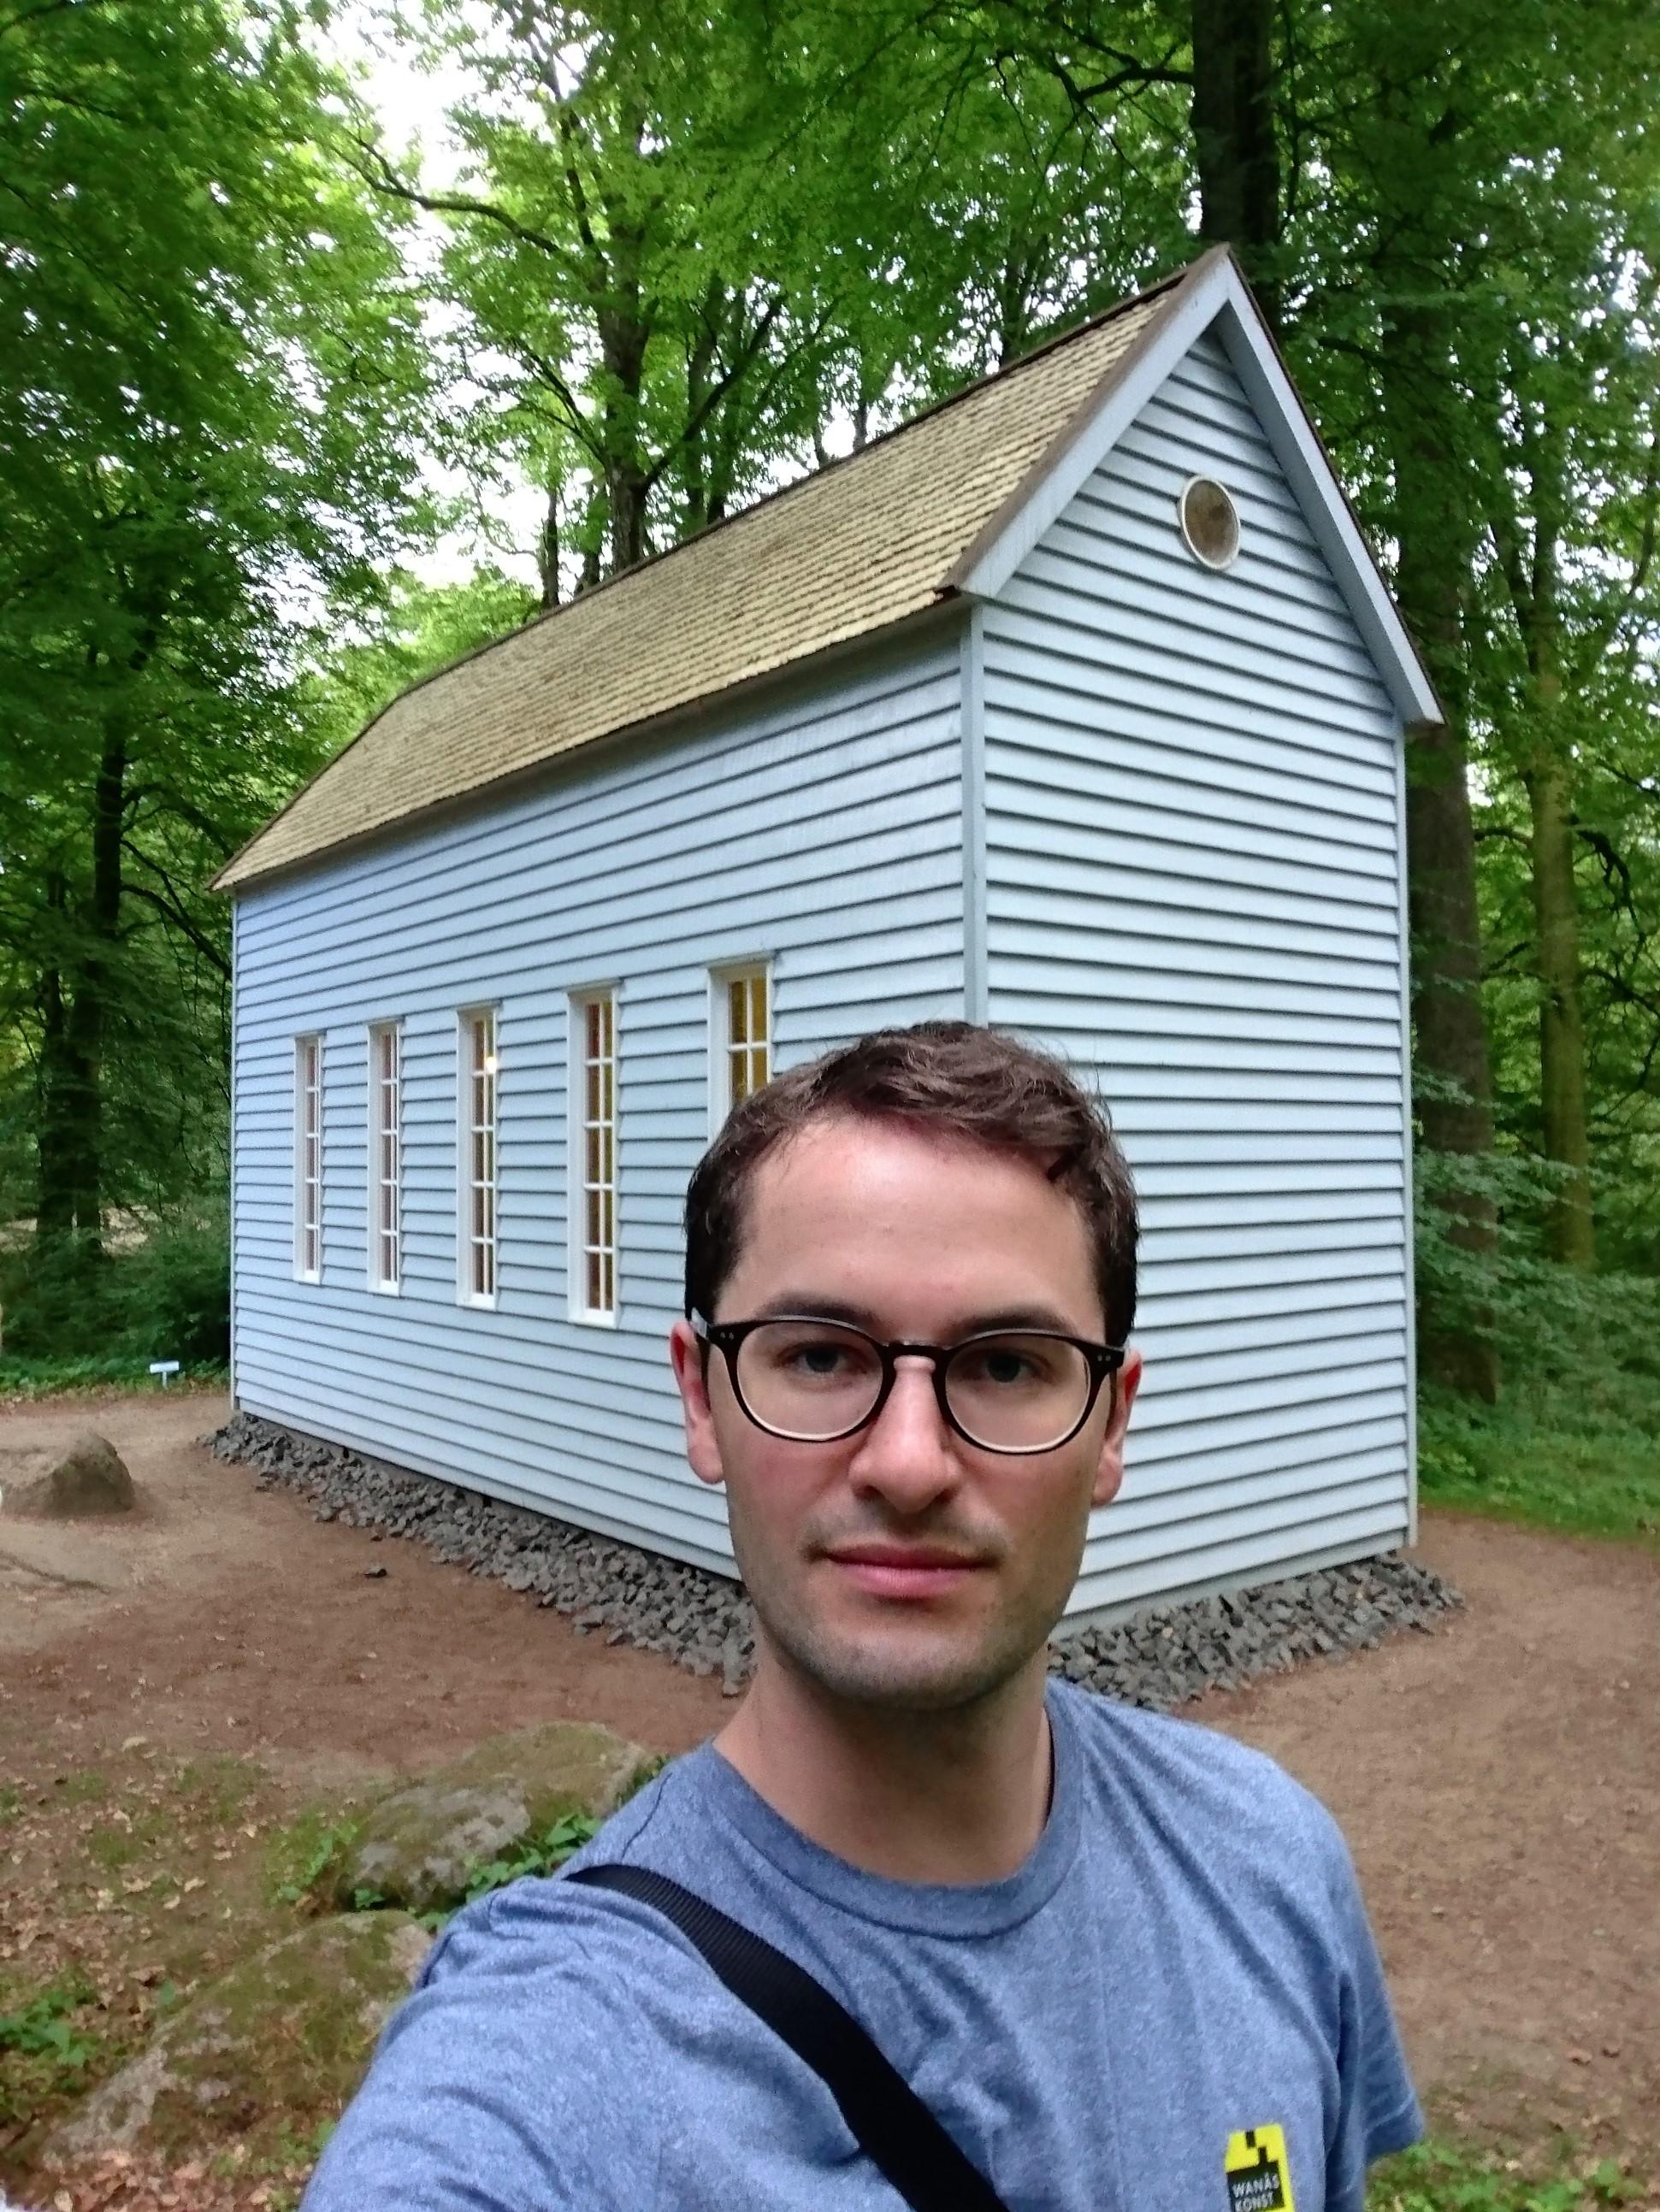 """Johan tar selfie vid Robert Wilsons """"A House for Robert Denby"""" (2000)"""